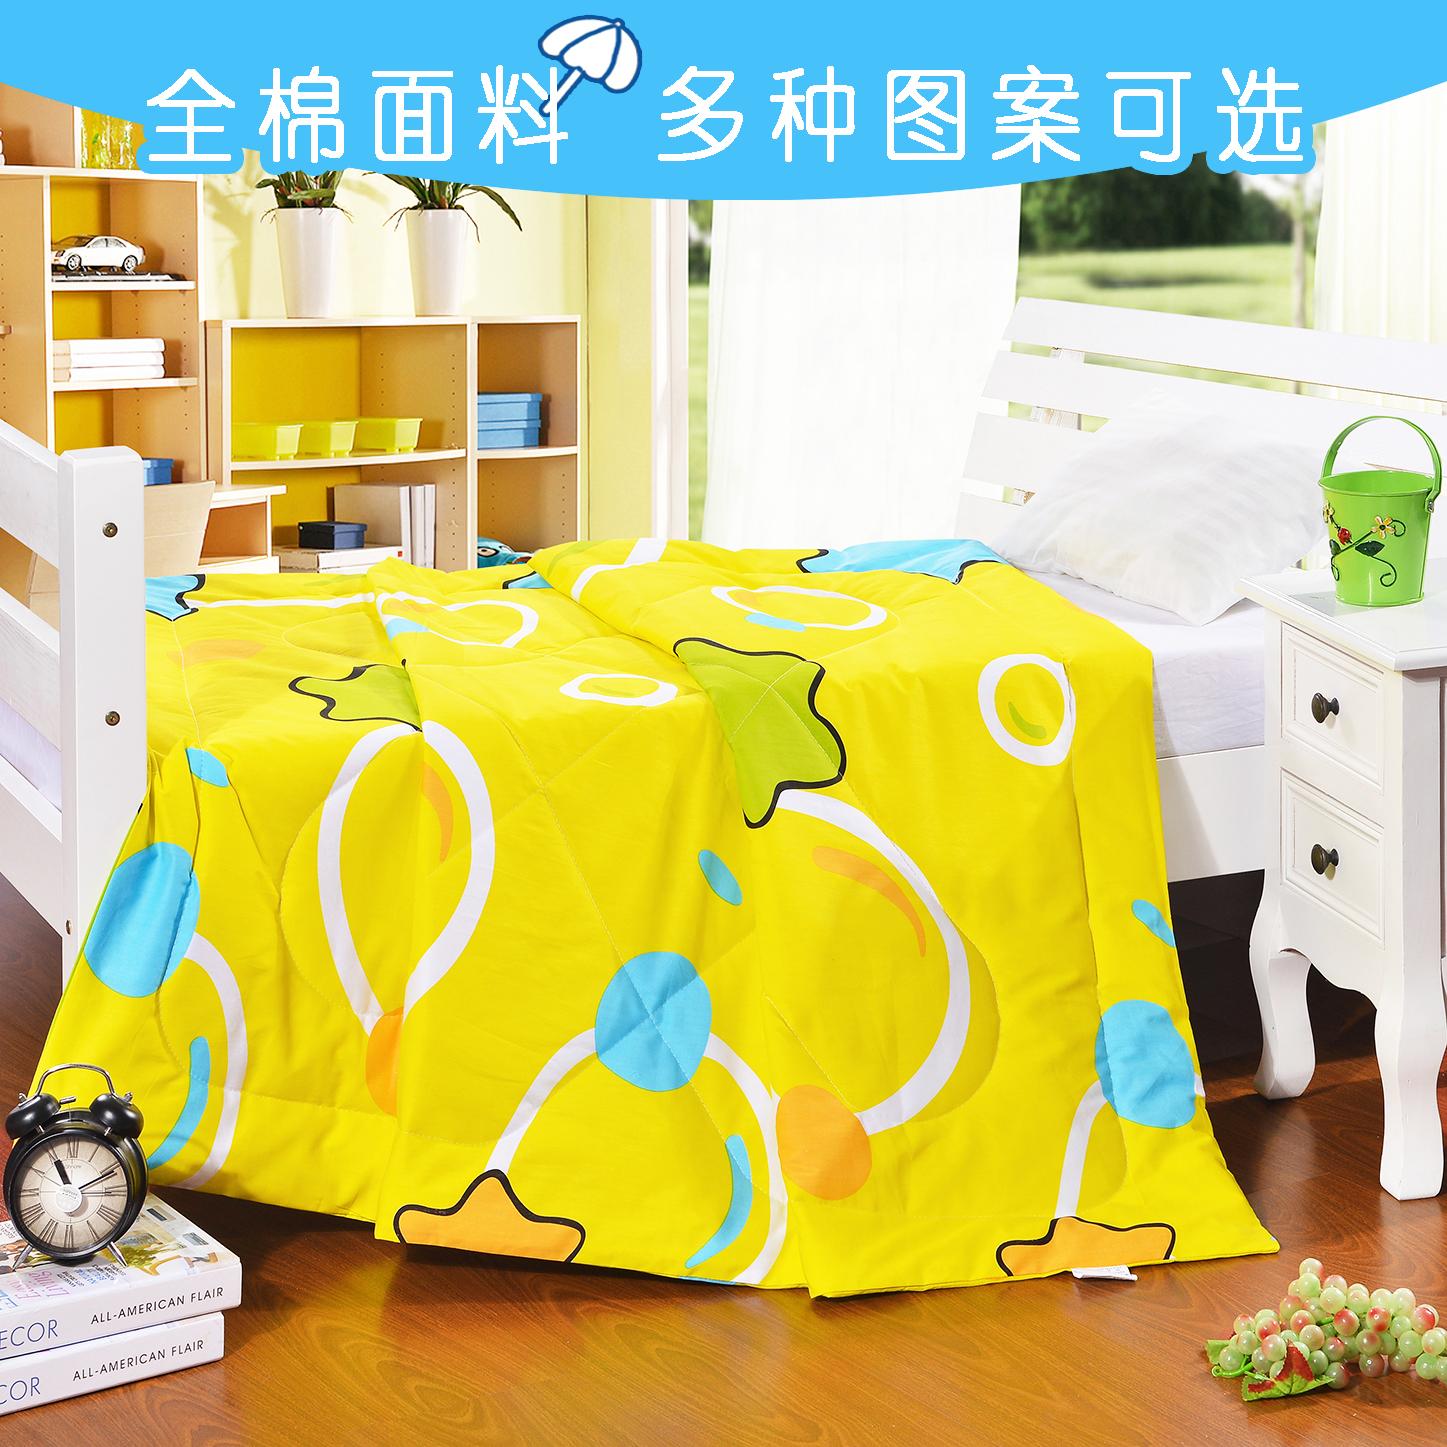 【 каждый день специальное предложение 】 ребенок кондиционер был прохладно летом находятся хлопок детский сад обезьяний тонкий одеяло моющиеся или машинная стирка